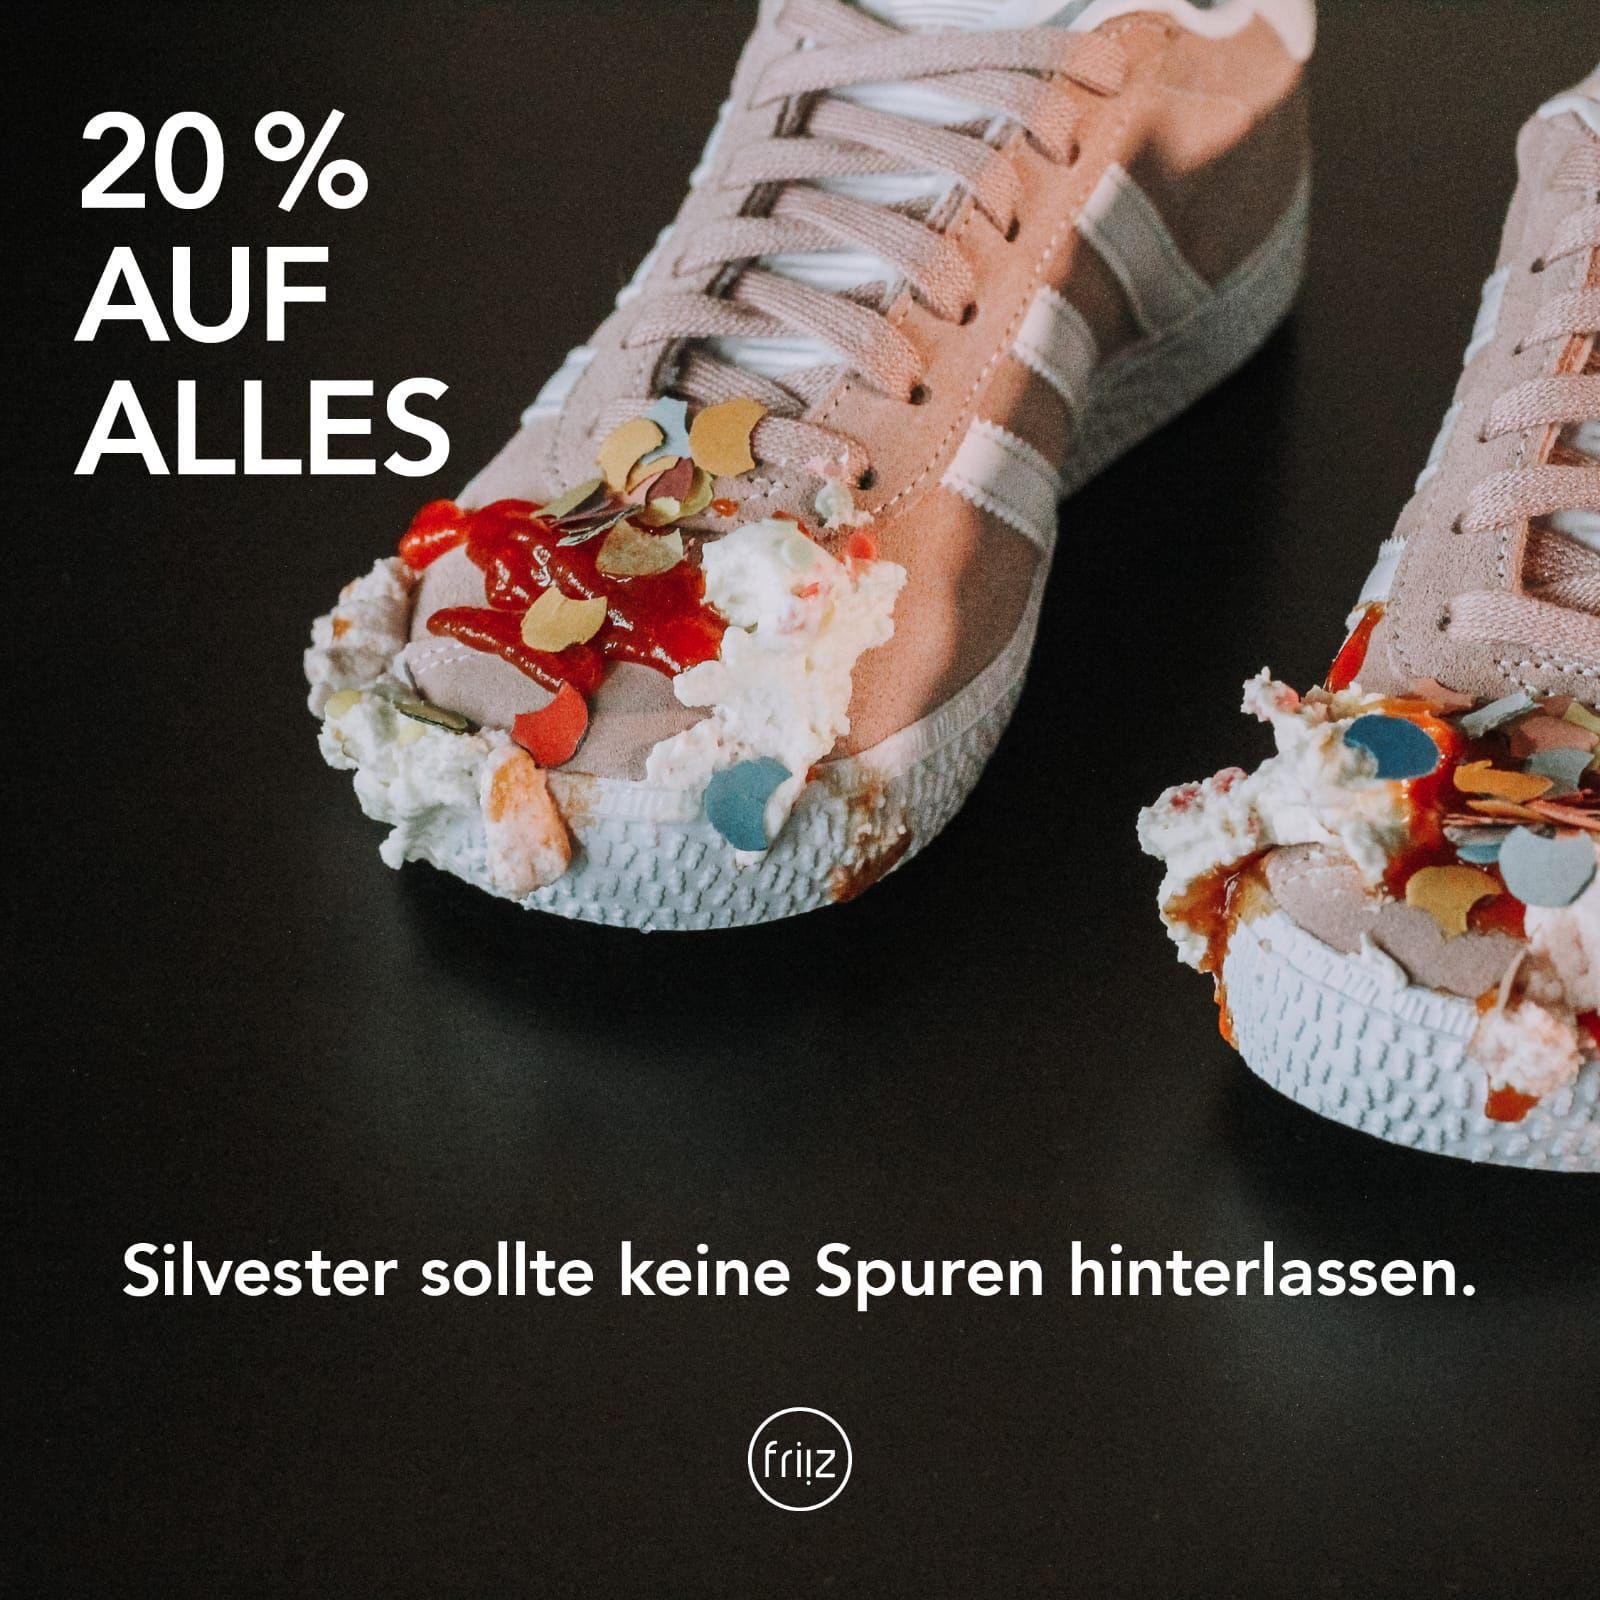 20% auf friiz Imprägnierspray und Schuhpflege